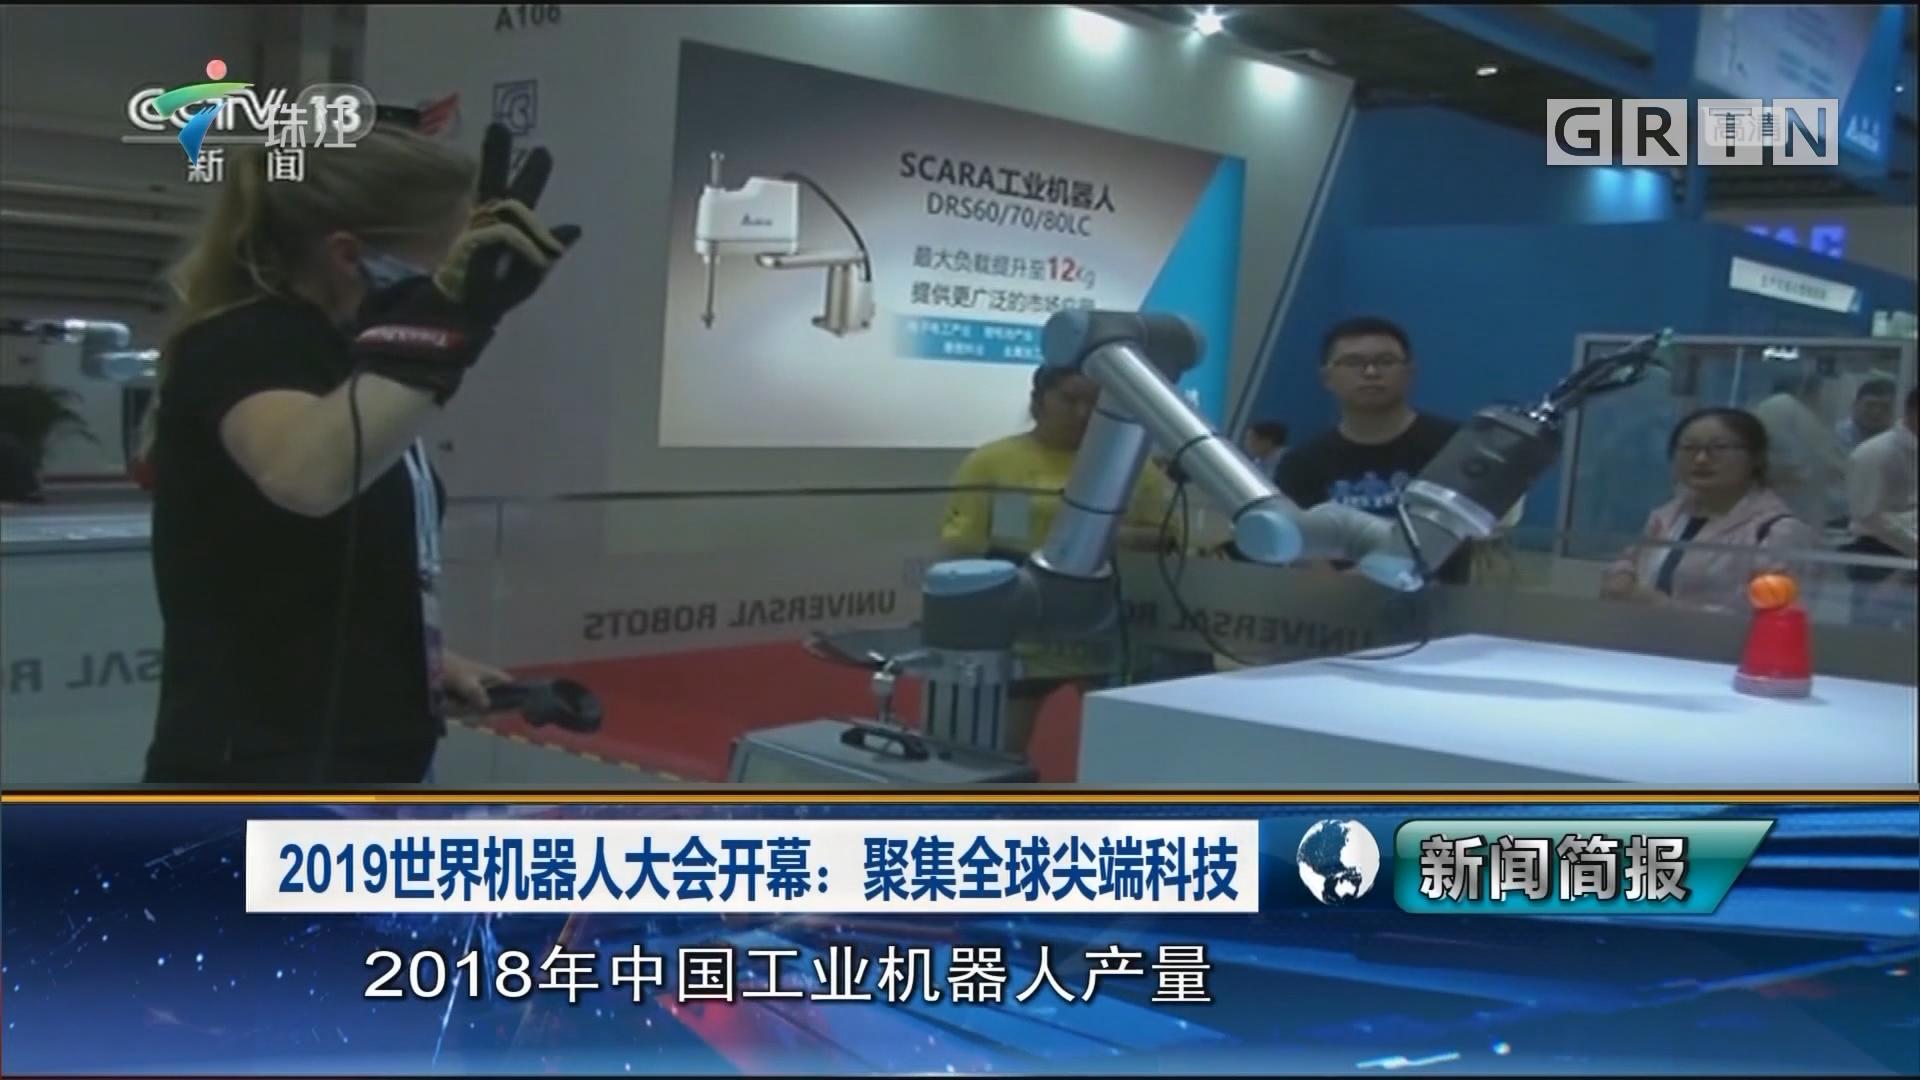 2019世界机器人大会开幕:聚集全球尖端科技